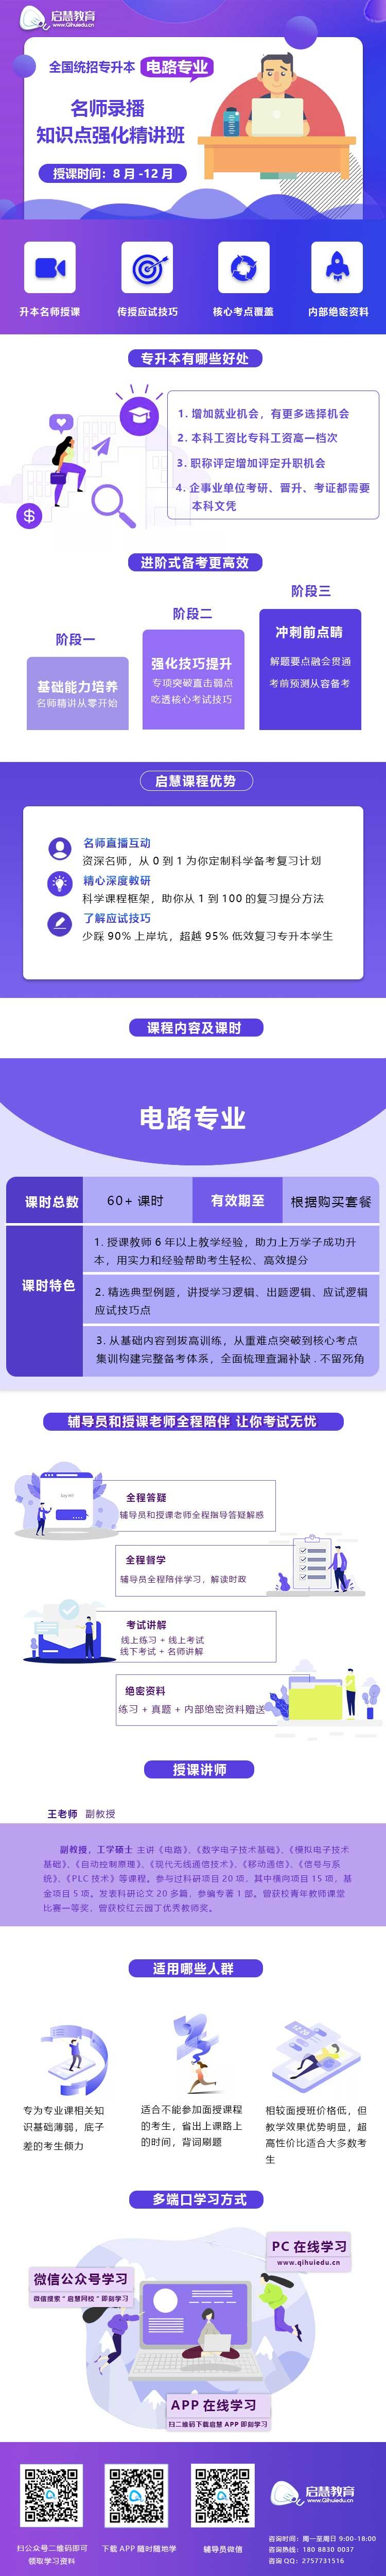 2021年云南统招专升本精讲课《电路专业》